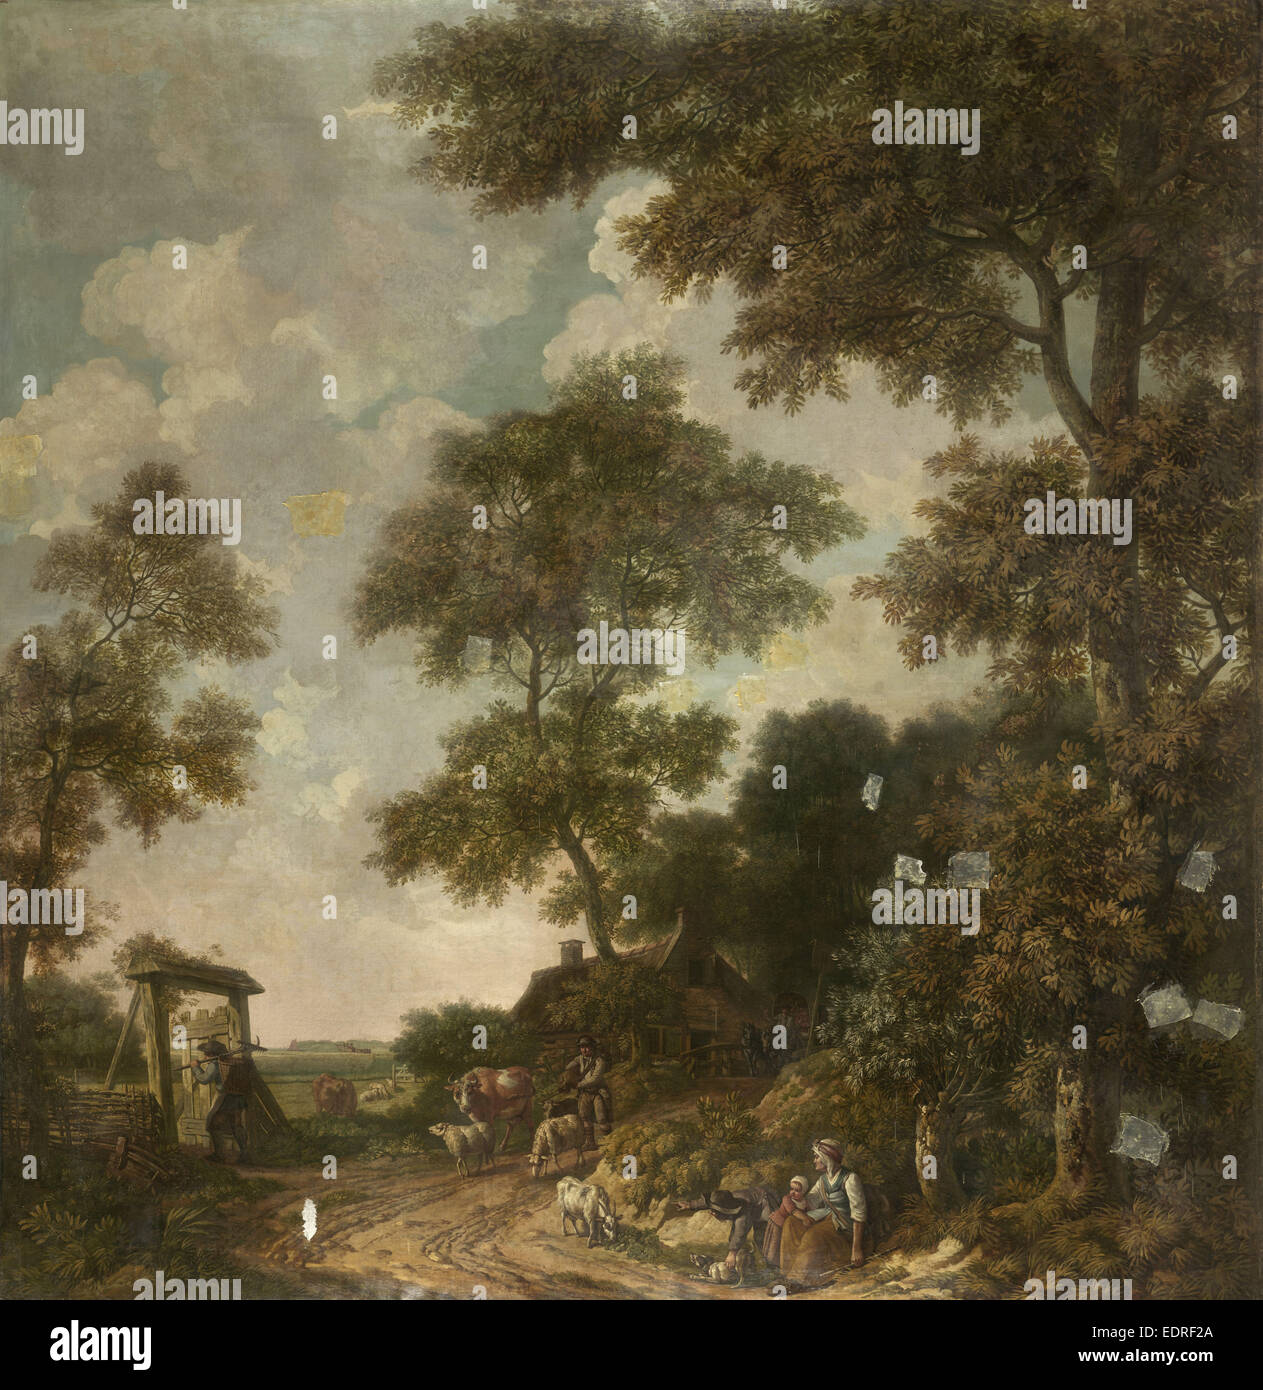 Carta da parati dipinte di un paesaggio olandese con una strada di sabbia, attribuito a Jurriaan Andriessen, c. Immagini Stock